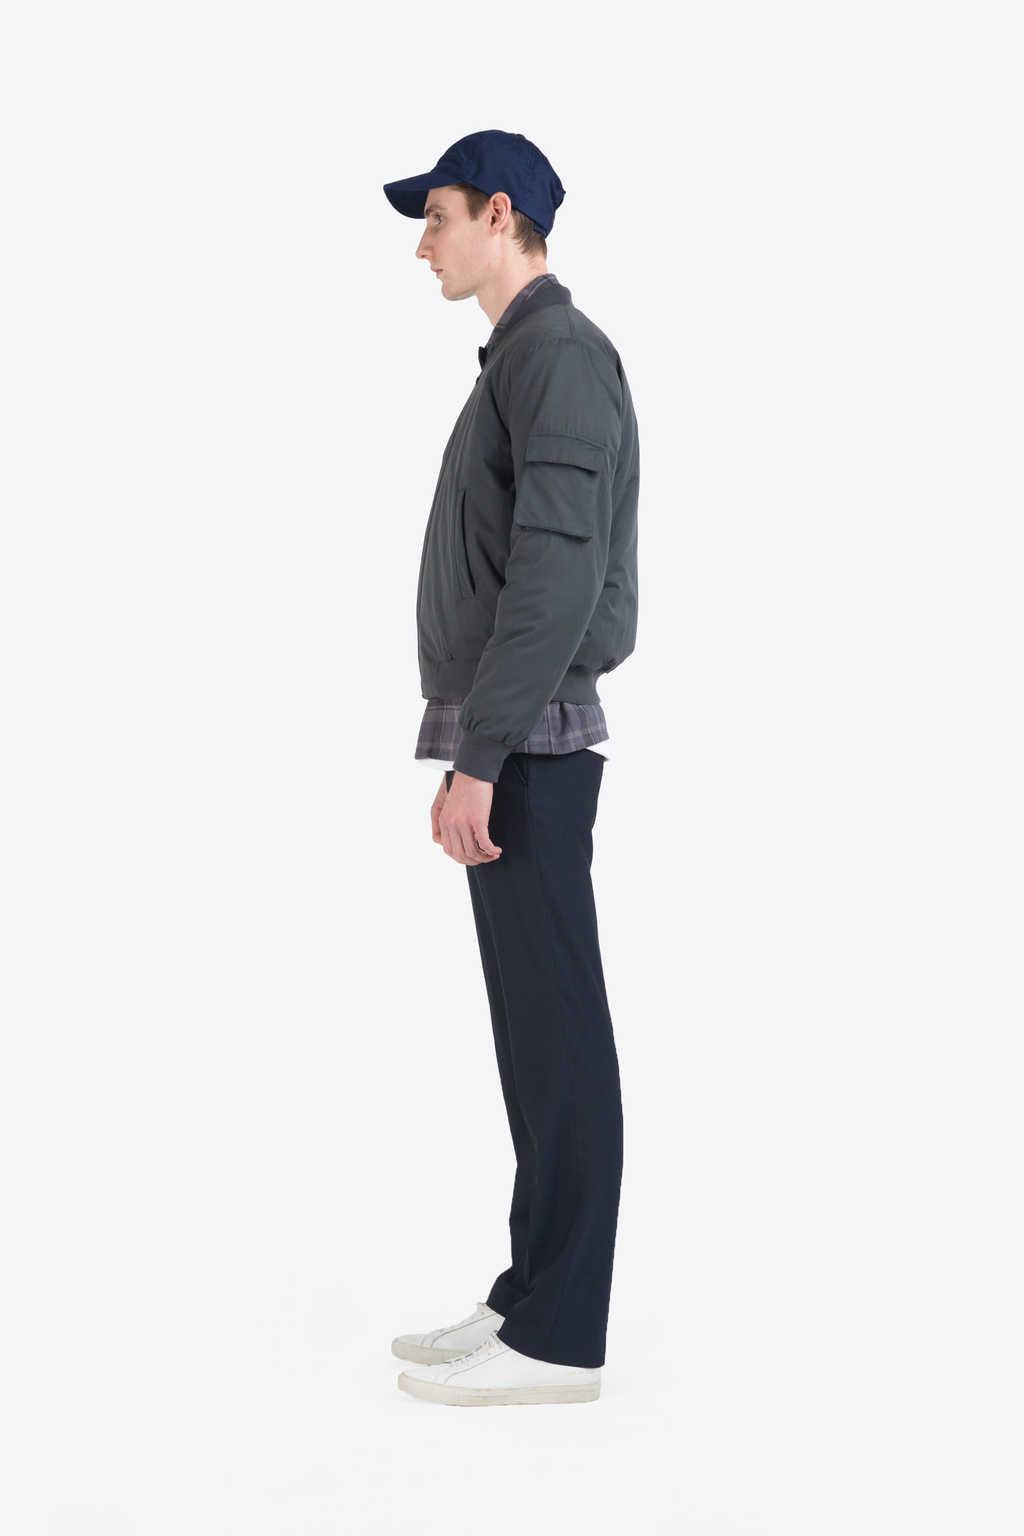 Jacket 4188 Gray 7